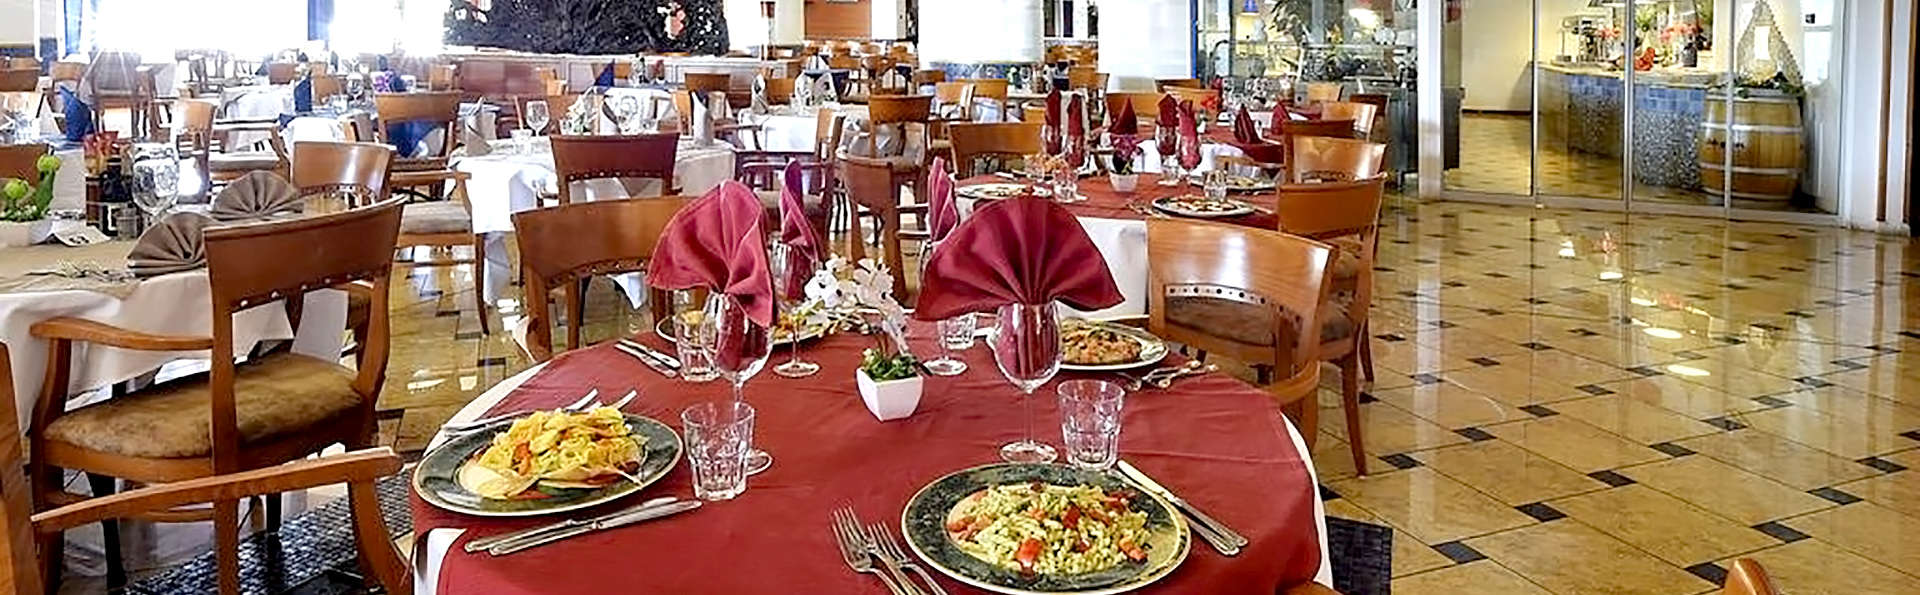 Séjour en famille avec une invitation à dîner aux portes de la ville de Roméo et Juliette